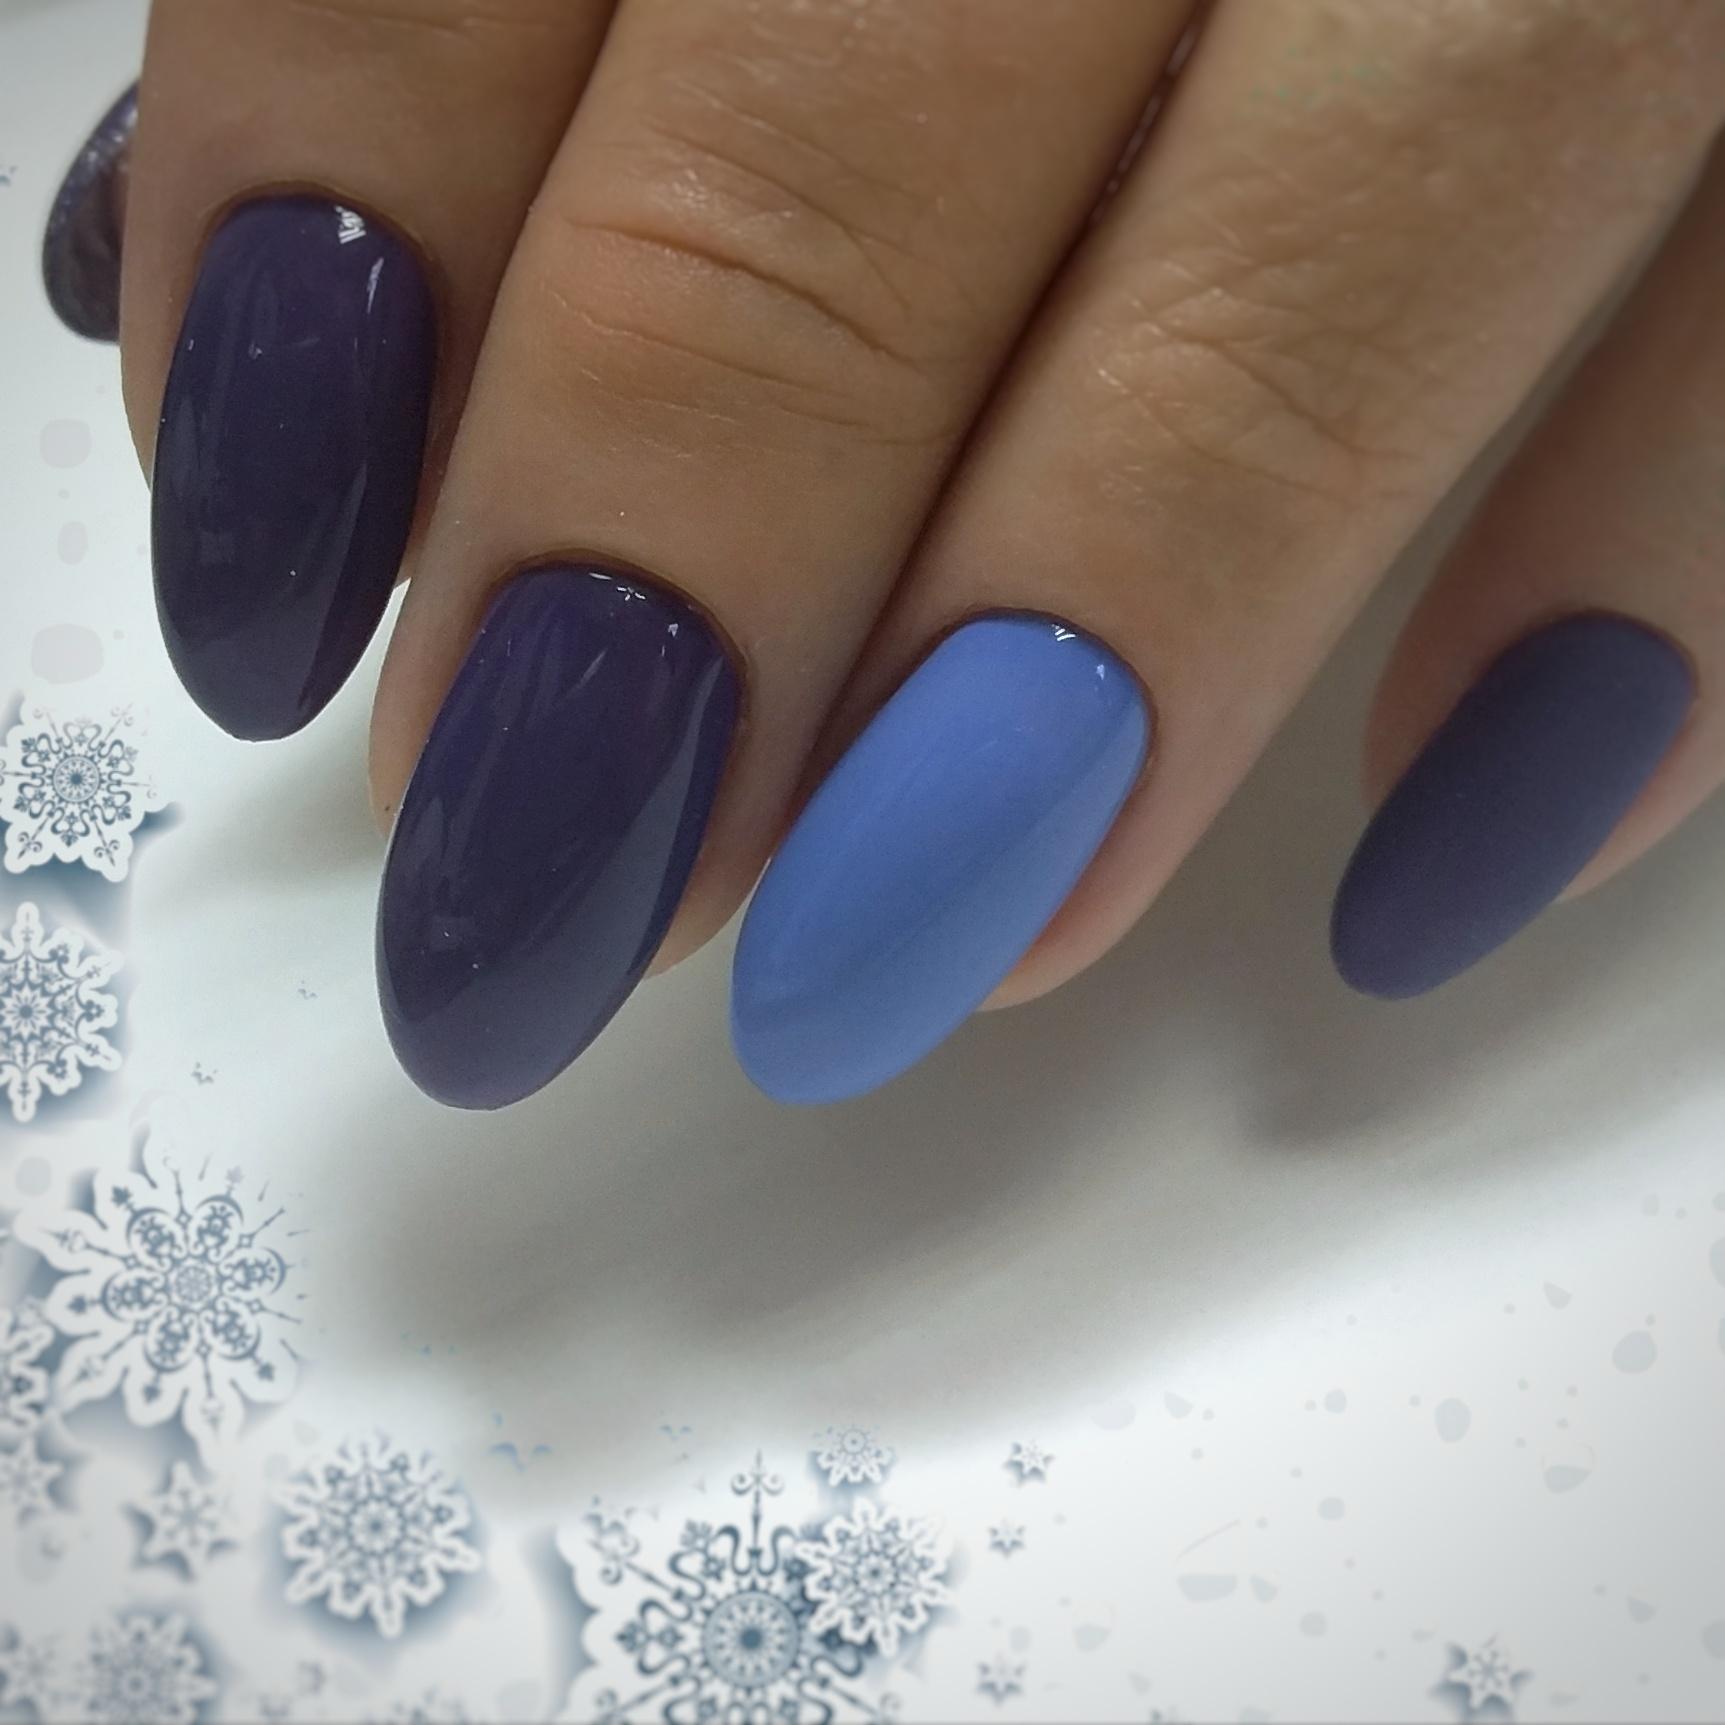 Маникюр в фиолетовом цвете с голубым дизайном.